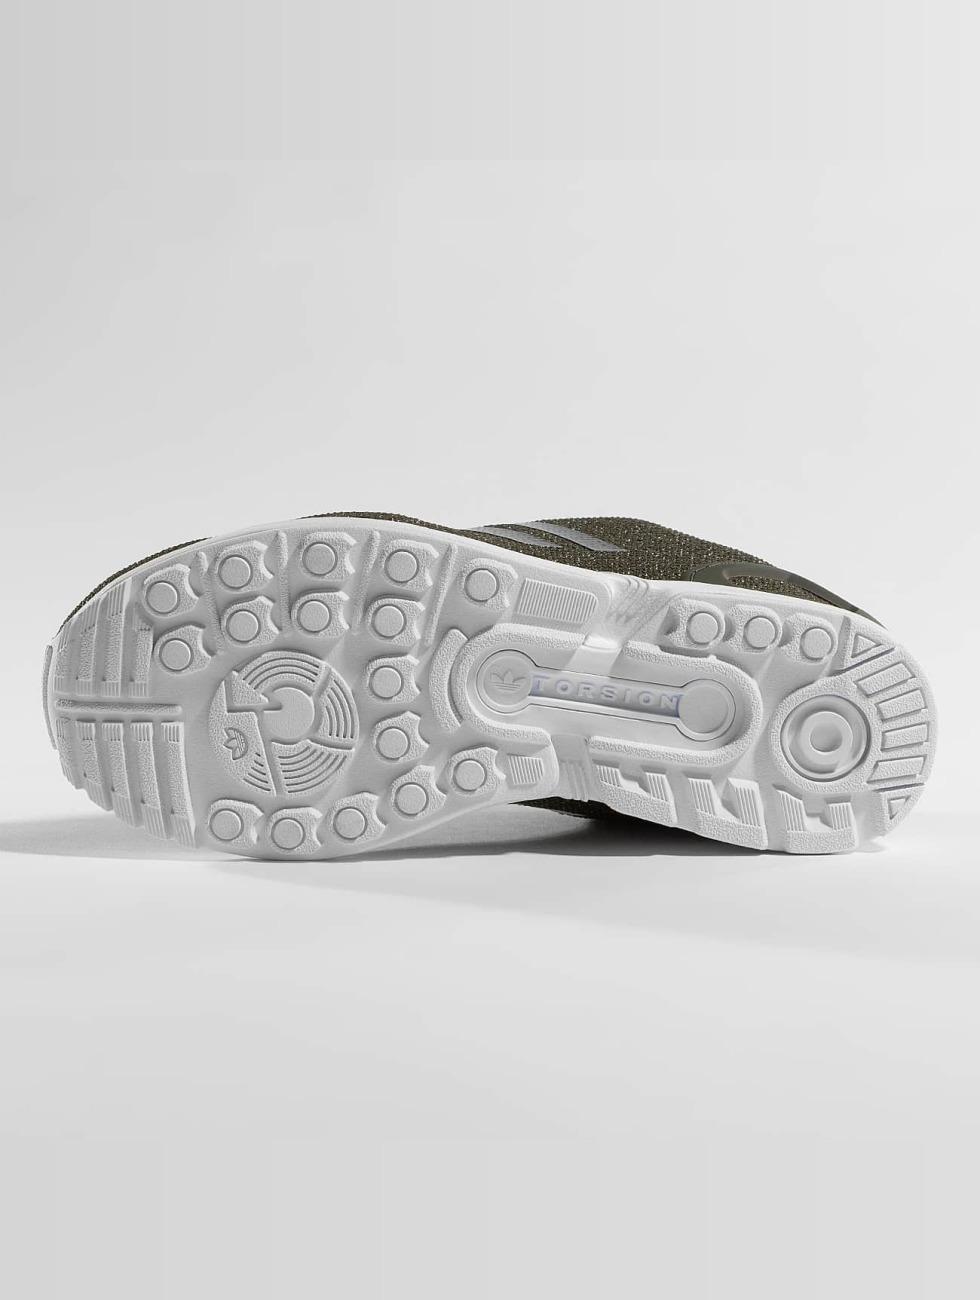 Qualité Supérieure Pas Cher En Ligne Adidas Originals Belle / Sneaker Zx Flux En Uniforme Kaki 360429 De Nombreux Types De Vente ZCYrdbM